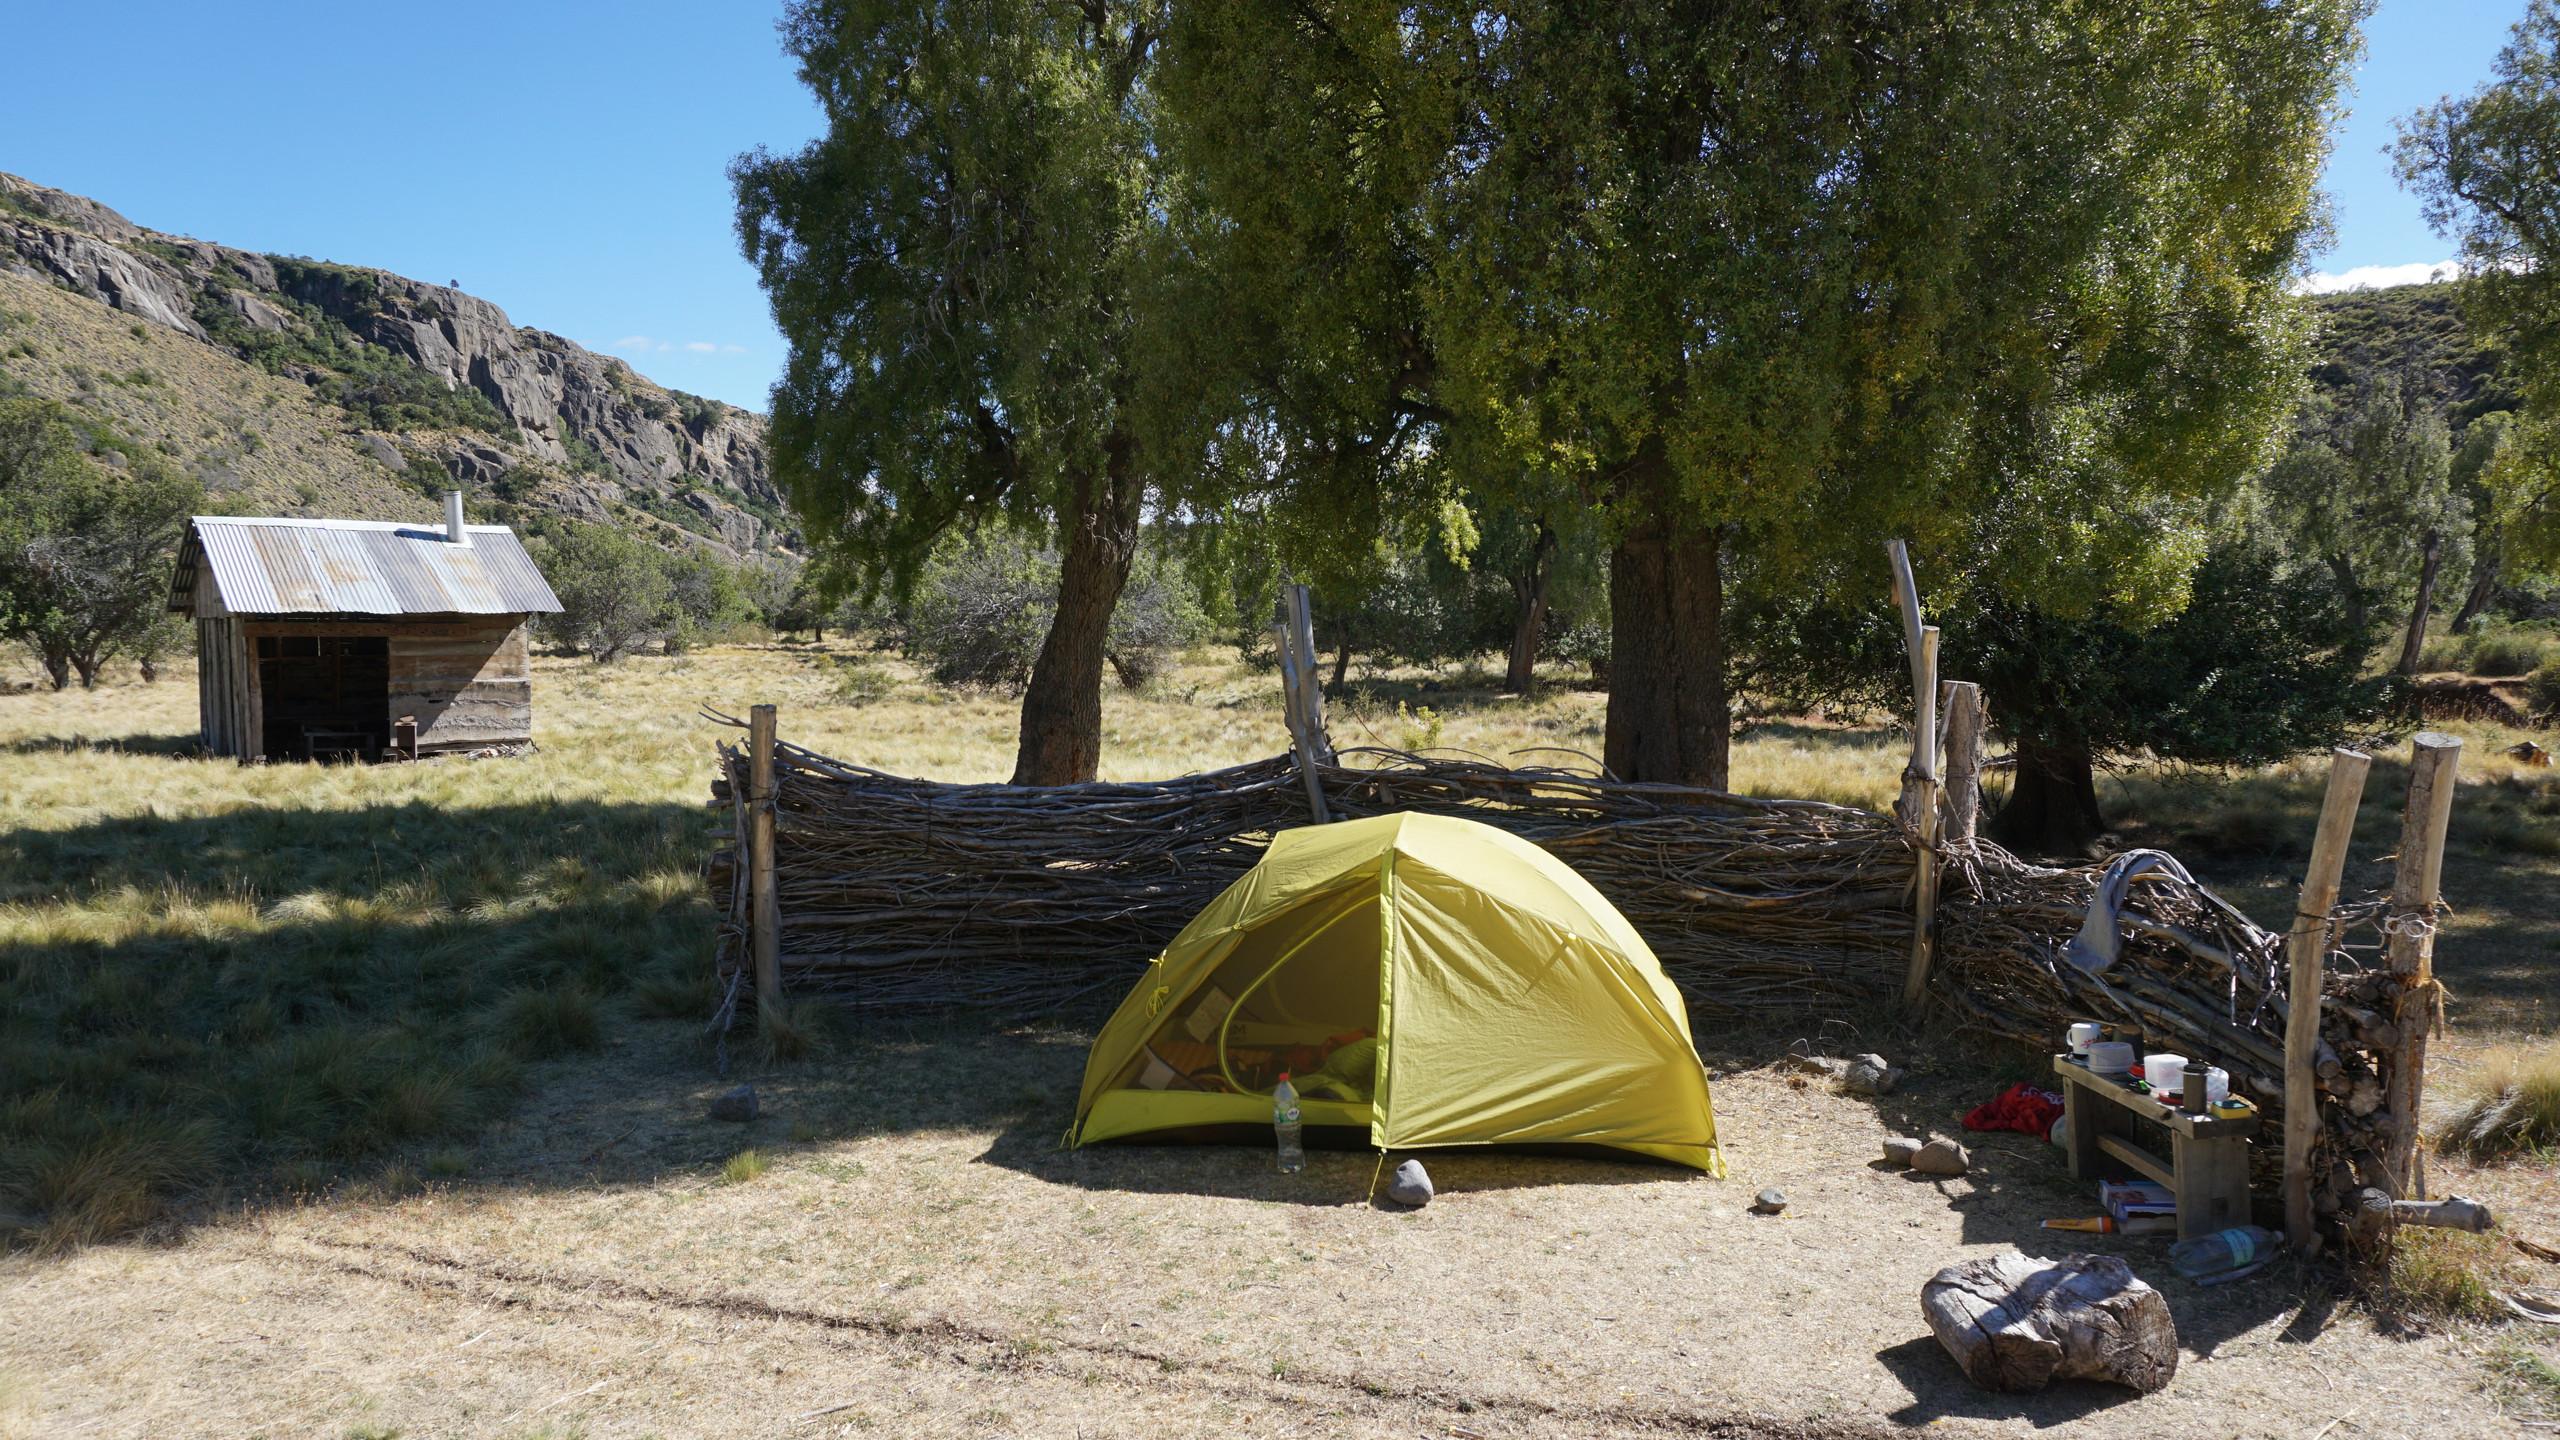 Camping at Maitenal